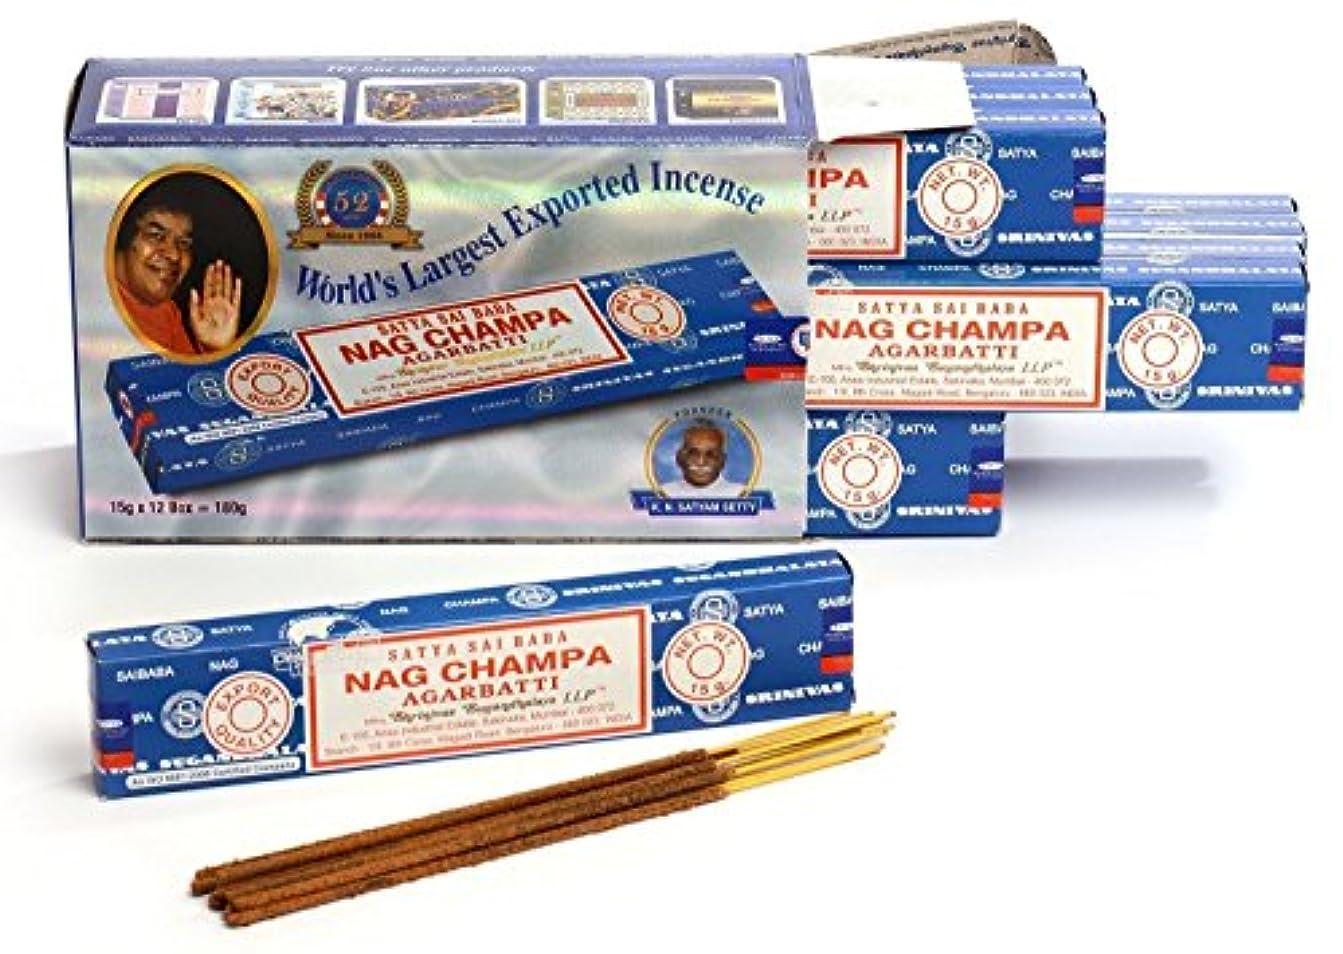 楽しませる富豪プランターSatya Sai Baba Sai Baba Nag Champa Agarbathi 15 gm X 12pkts